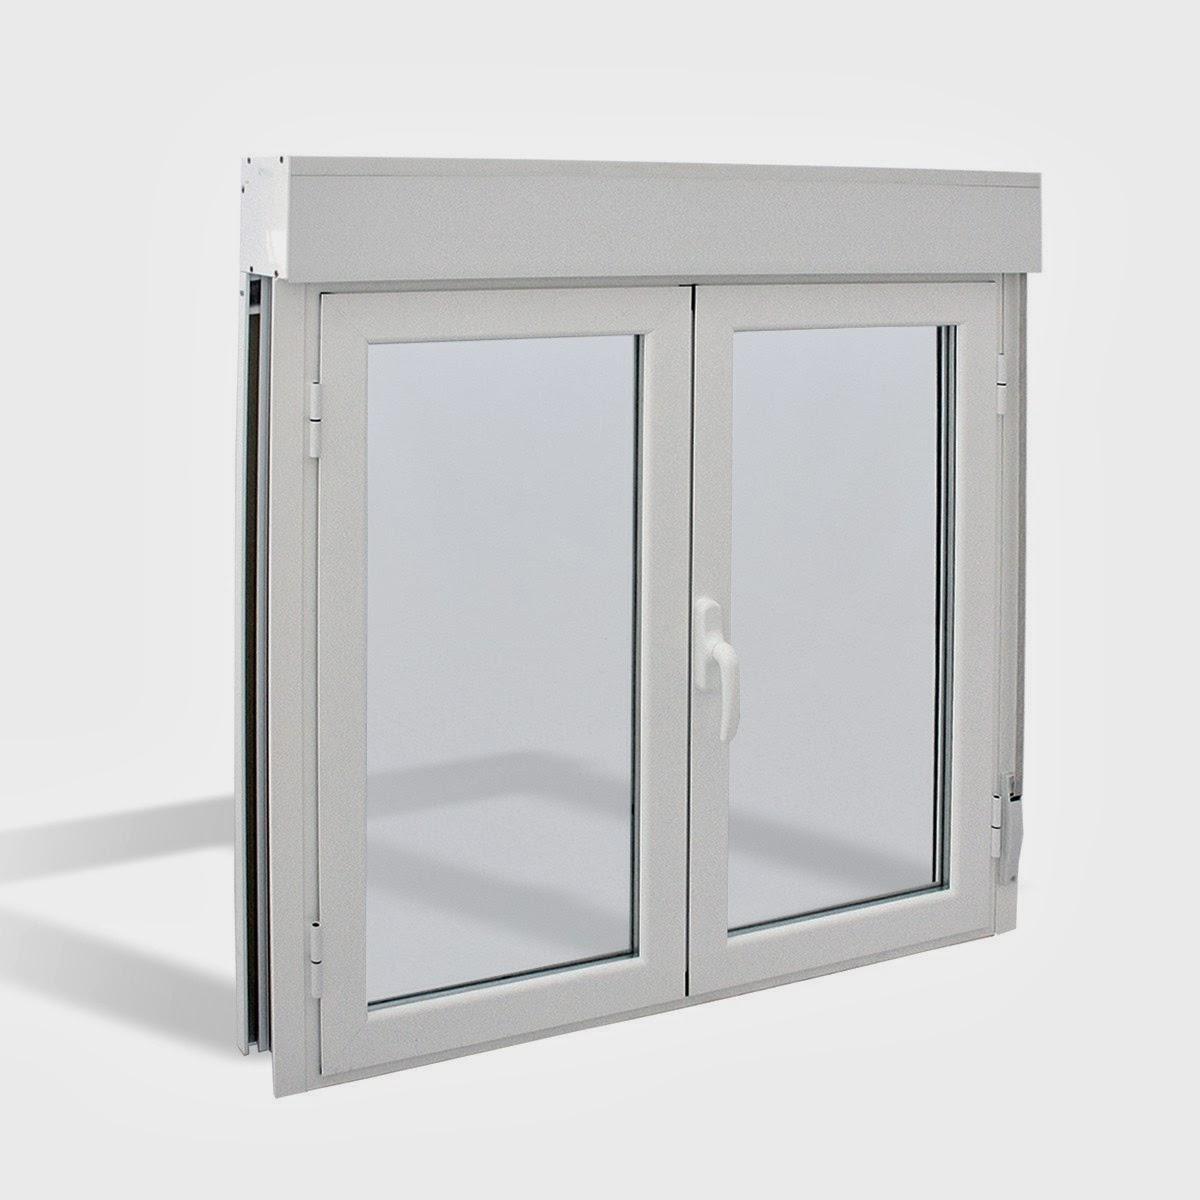 Aluminio y hierro en valencia problemas comunes en - Ventanas aluminio valencia ...